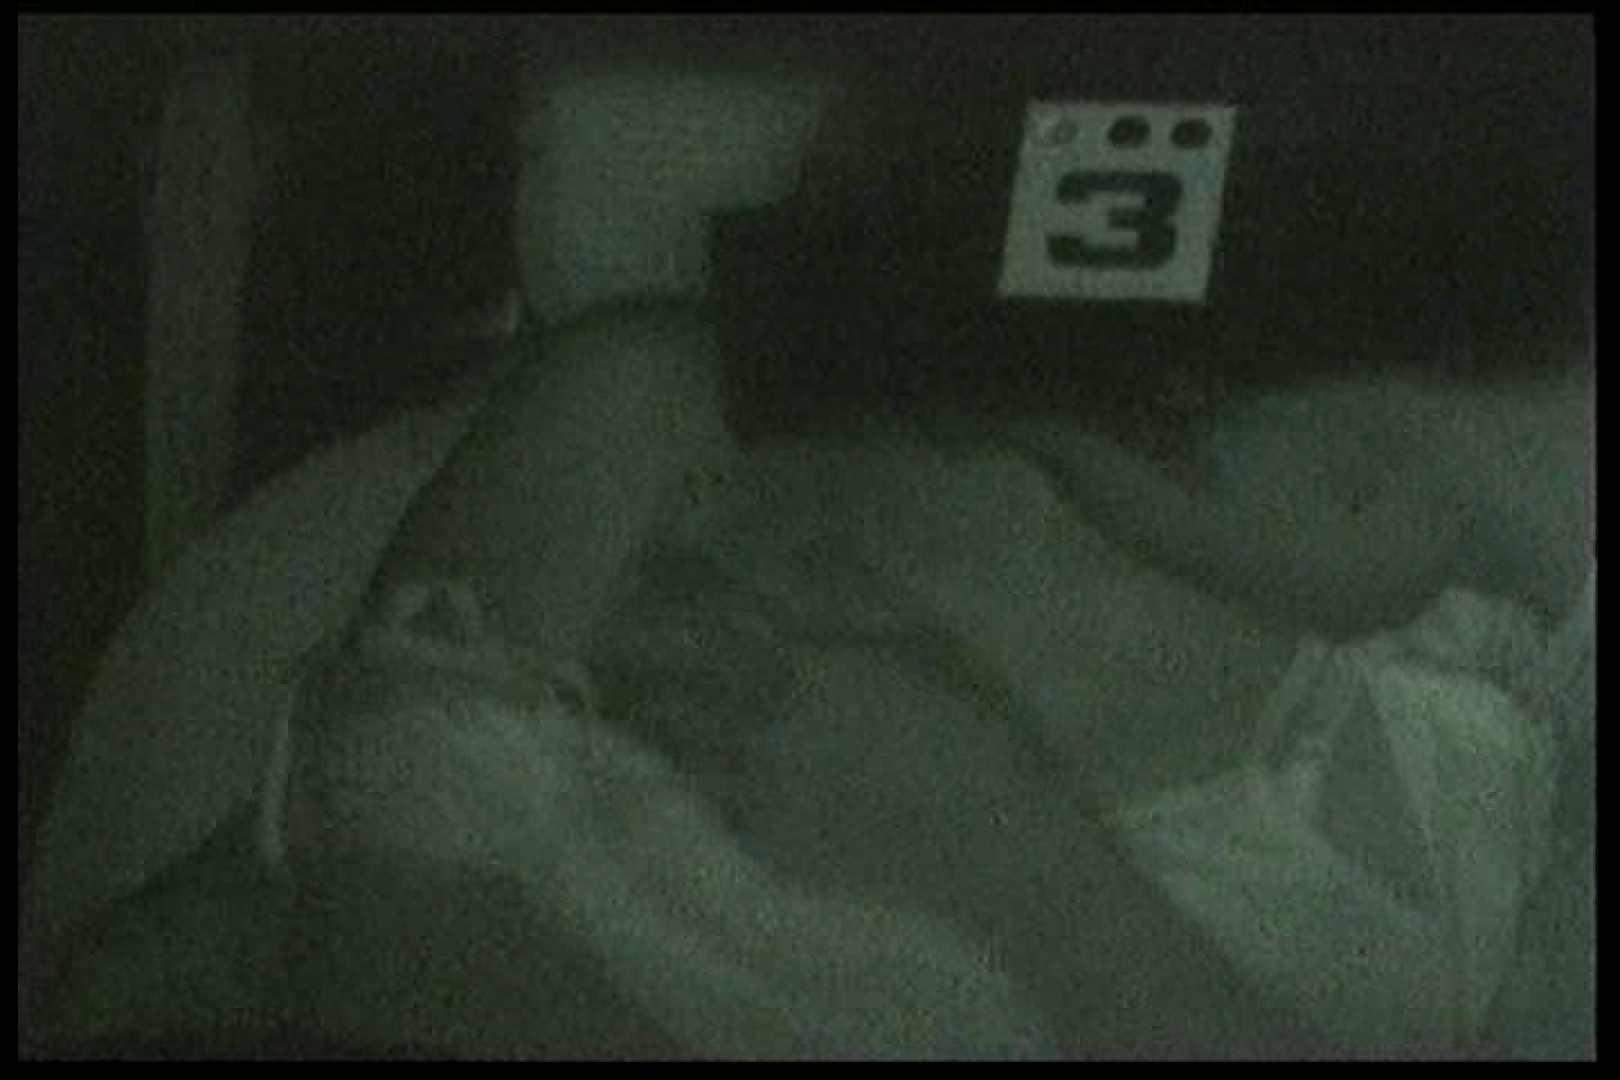 車の中はラブホテル 無修正版  Vol.13 ラブホテル 盗み撮り動画キャプチャ 65PIX 47